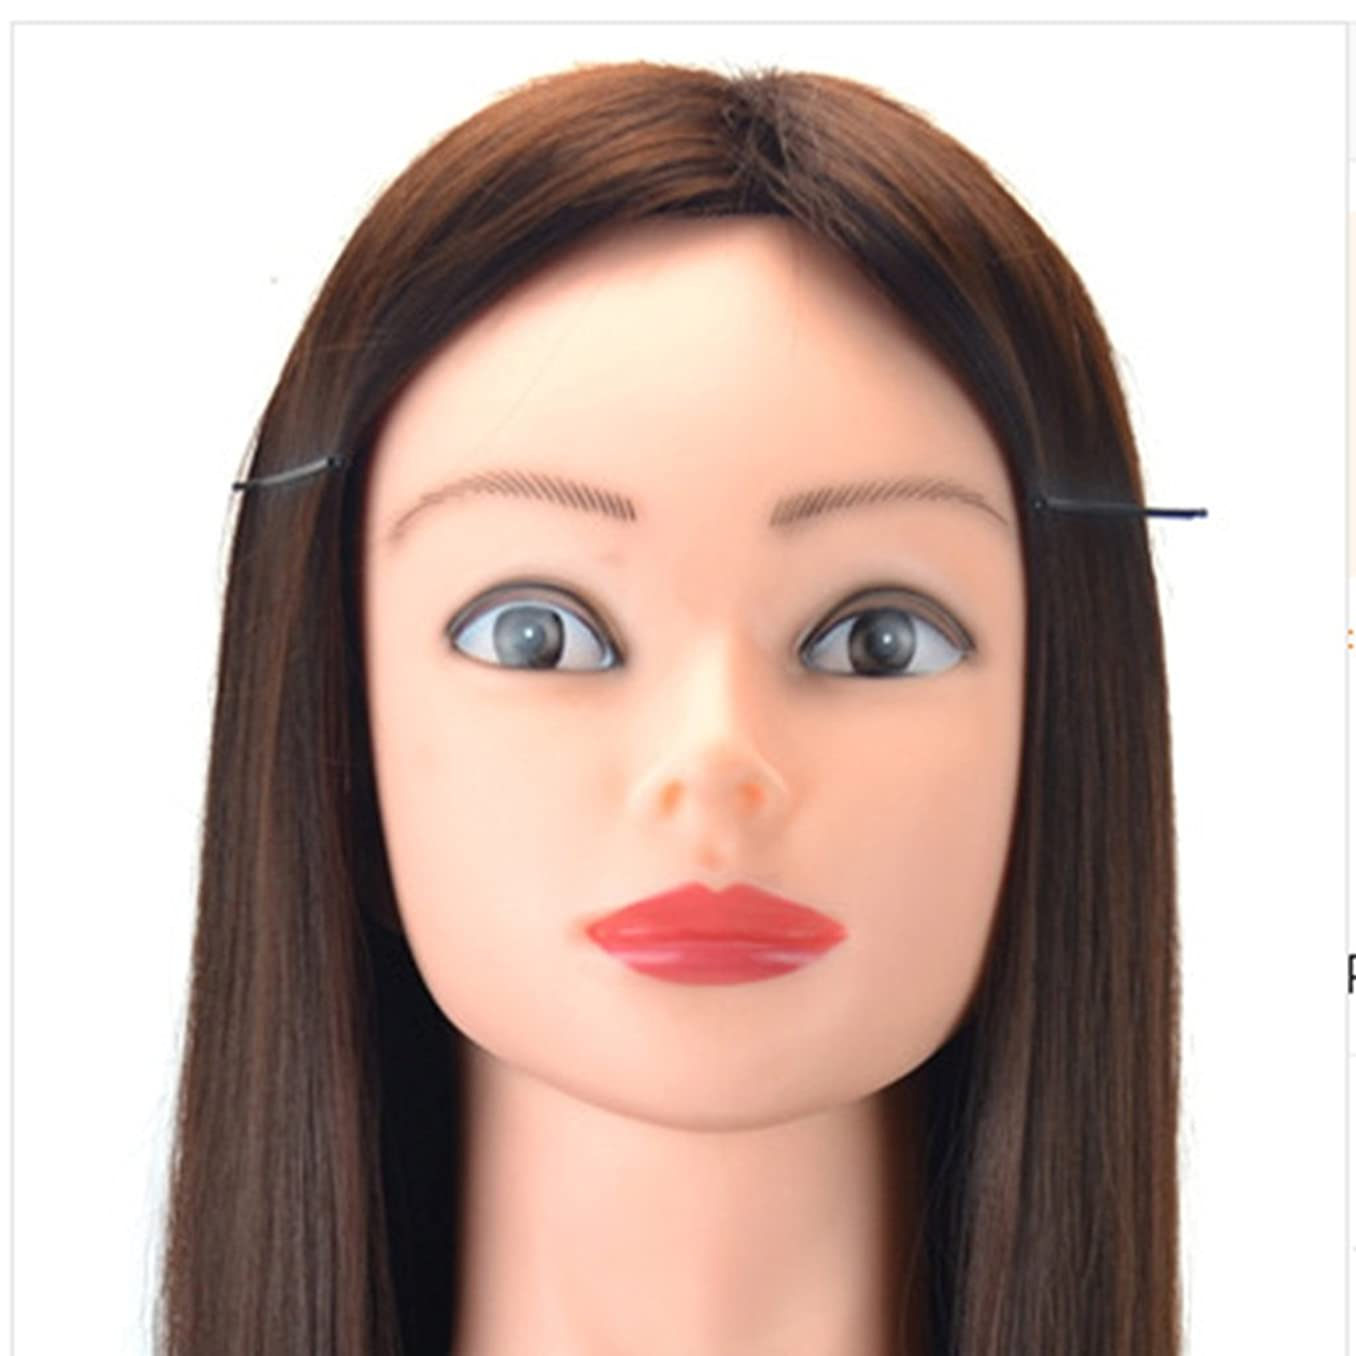 ストリップ盆地火山学者JIANFU メイク修理またはウィッグヘッドとブラケットティーチングヘッドを含む60cmのウィッグヘッドをカットして髪を編む練習用ディスク (Color : Chestnut)